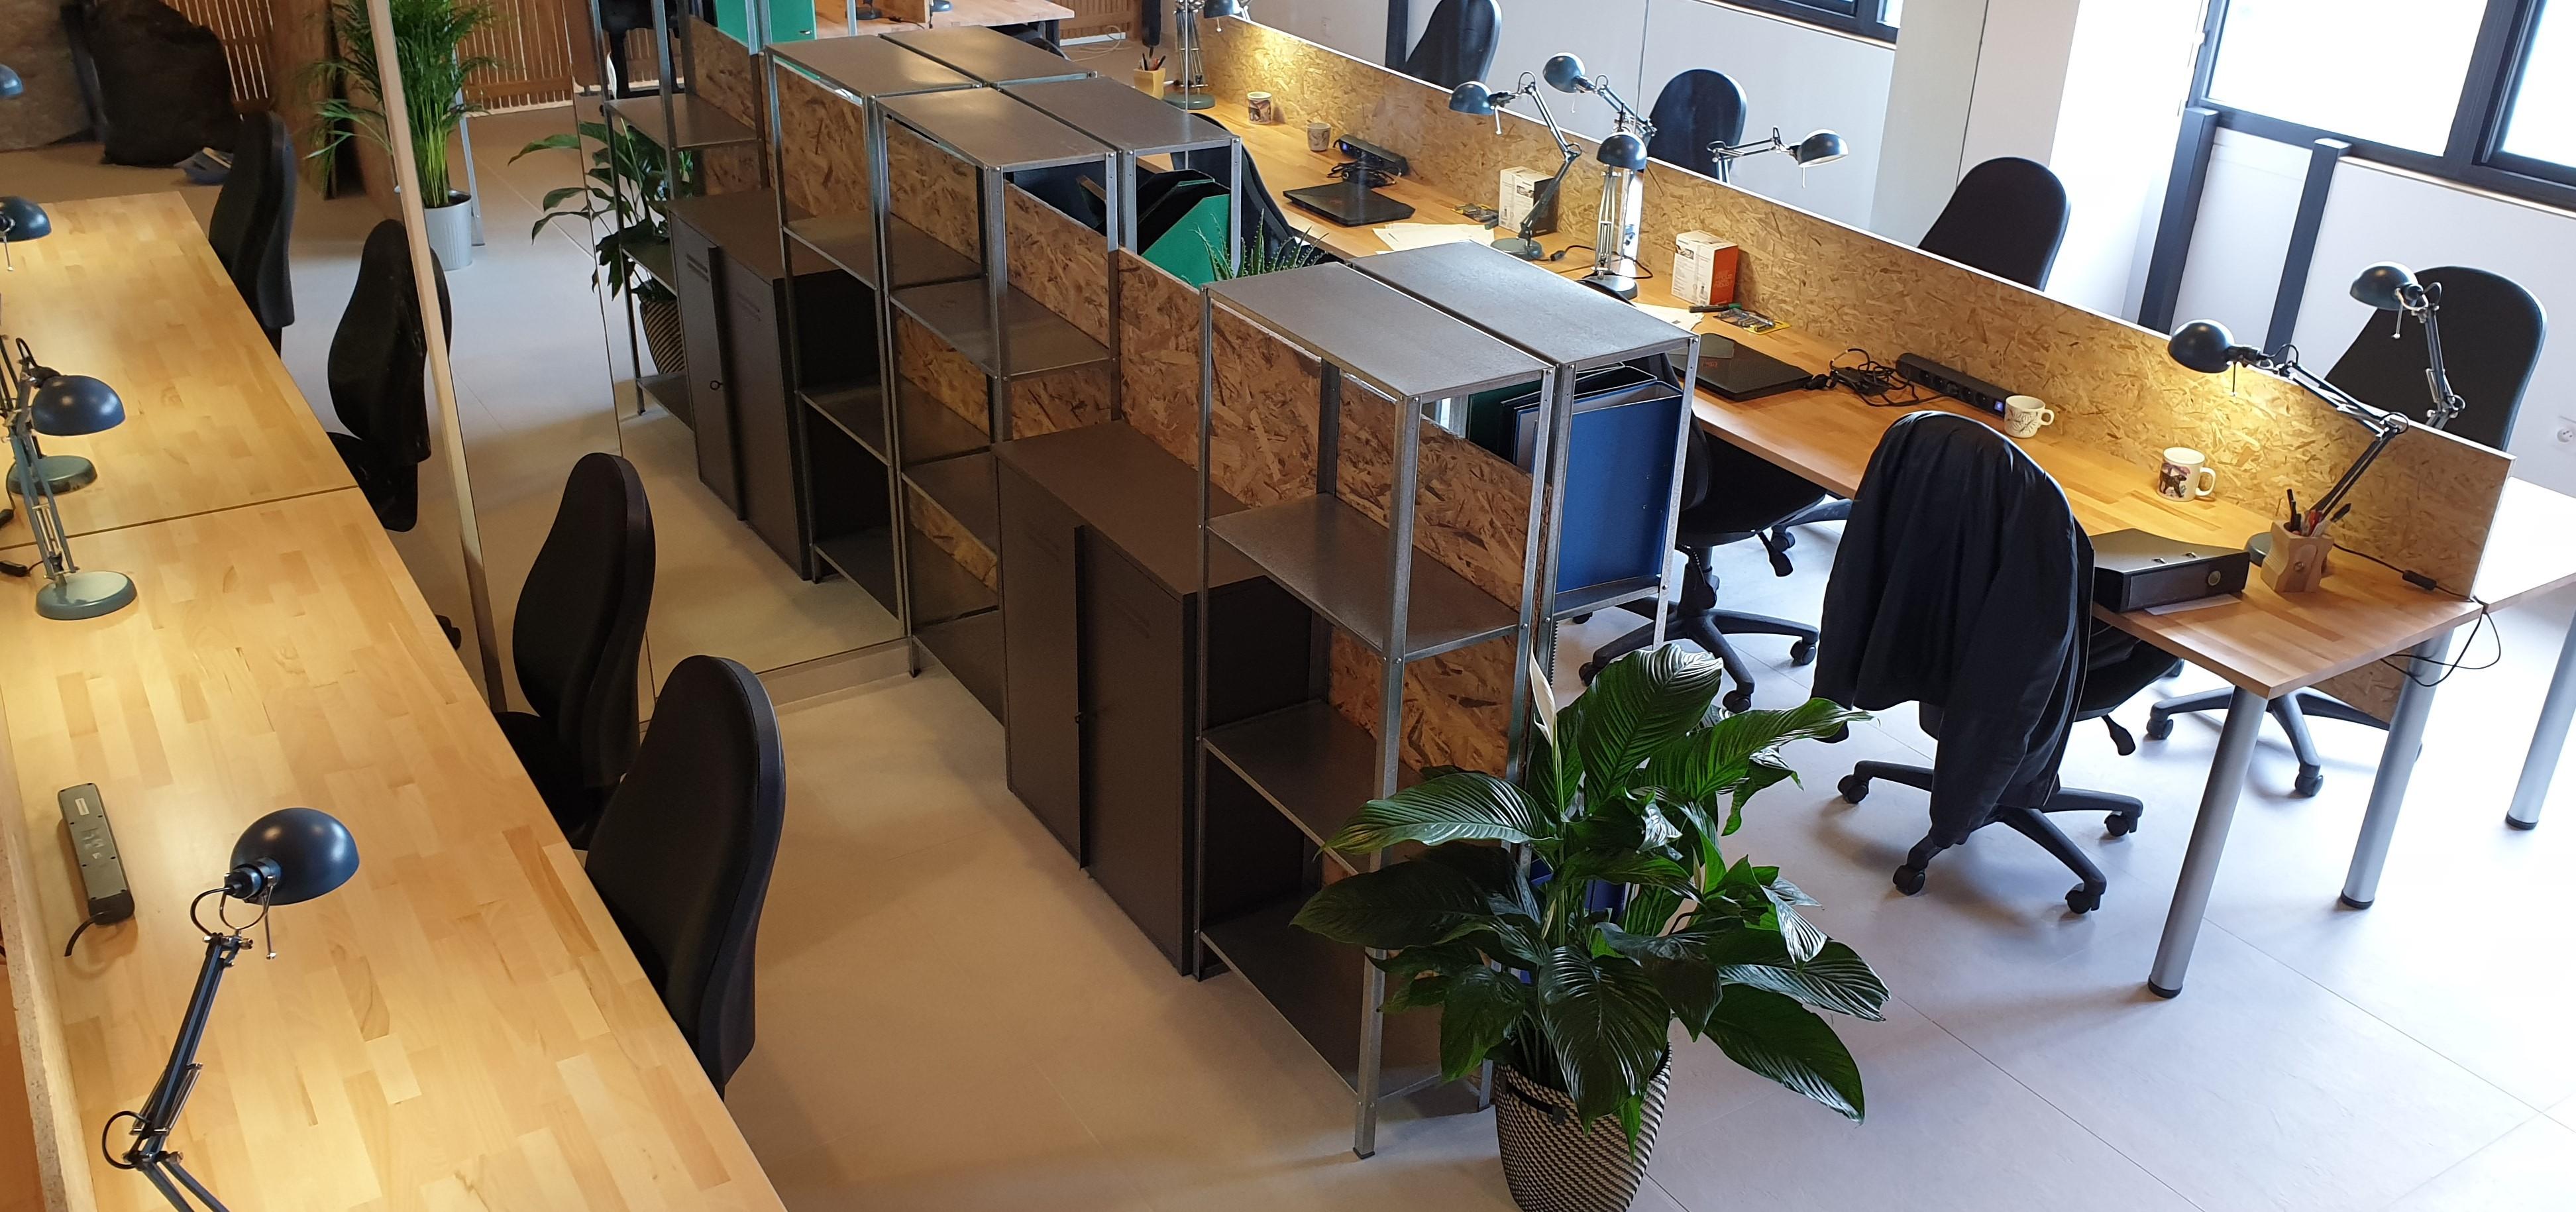 Bureaux personnels en espace partagé